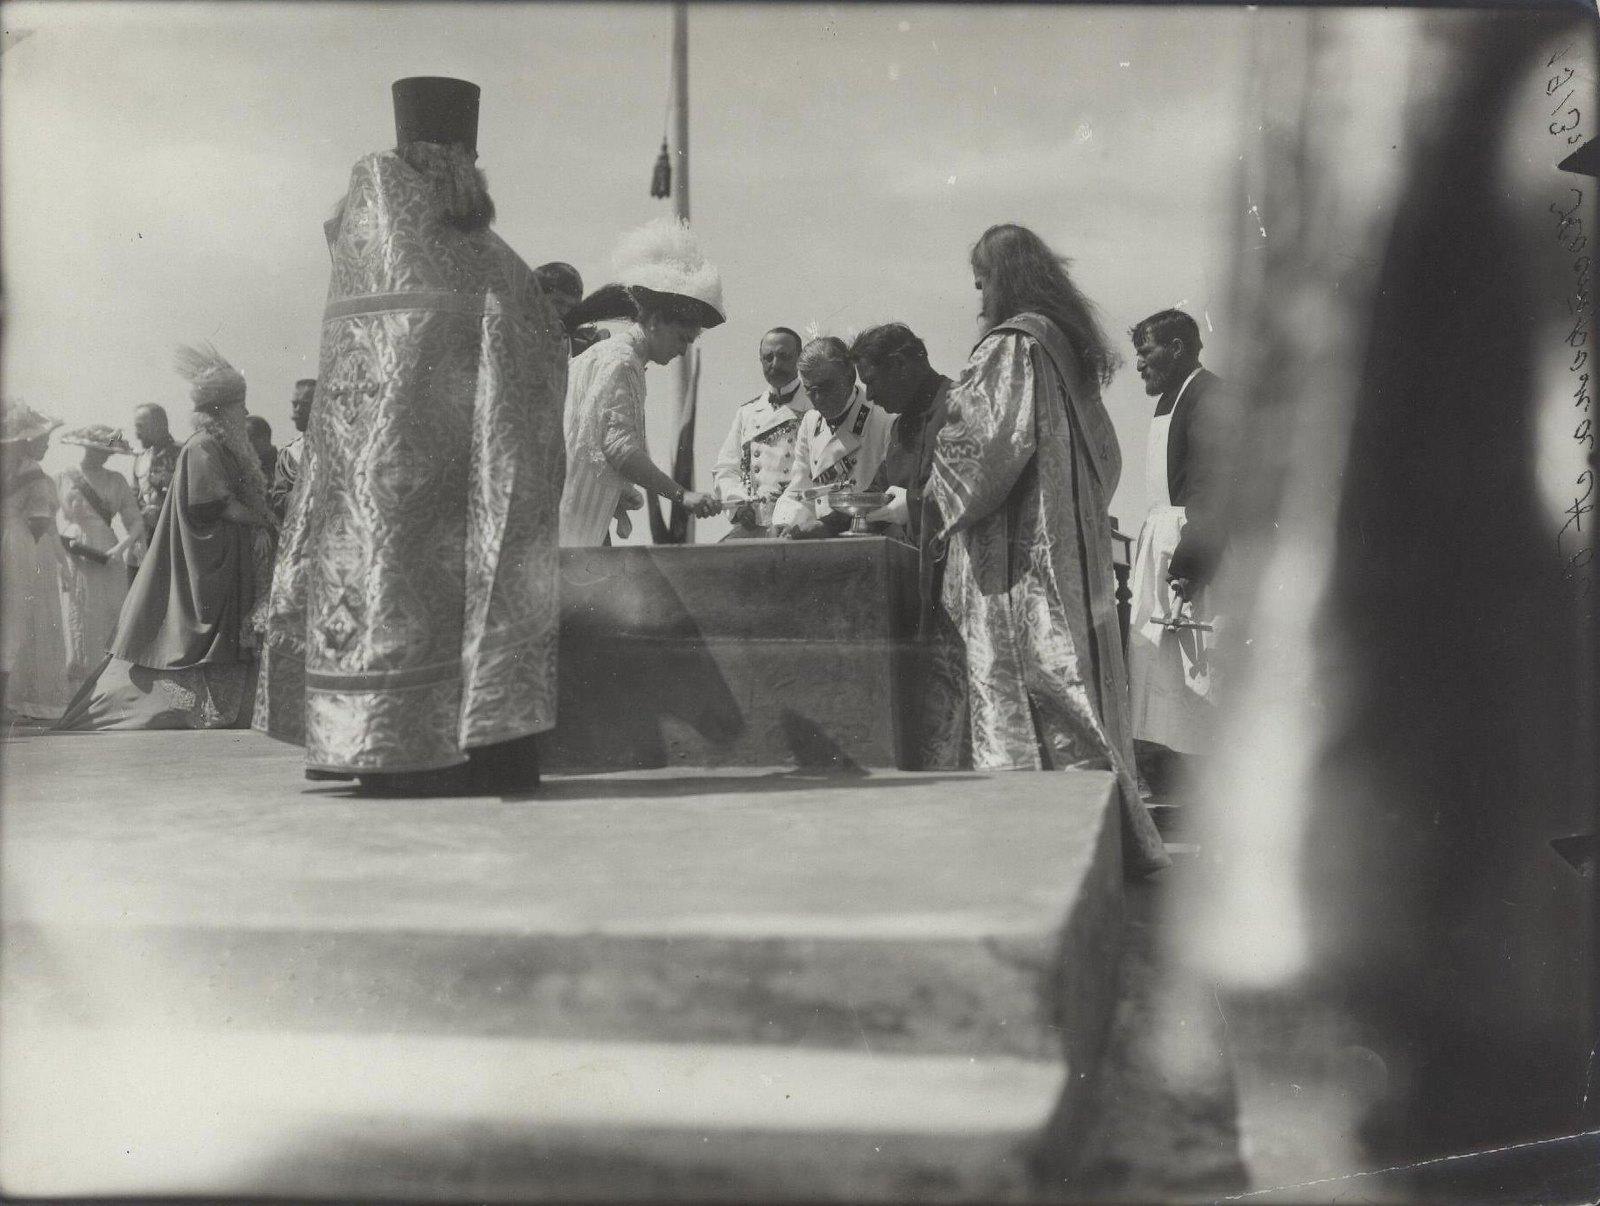 Императрица Александра Фёдоровна во время закладки памятника в честь 300-летия дома Романовых